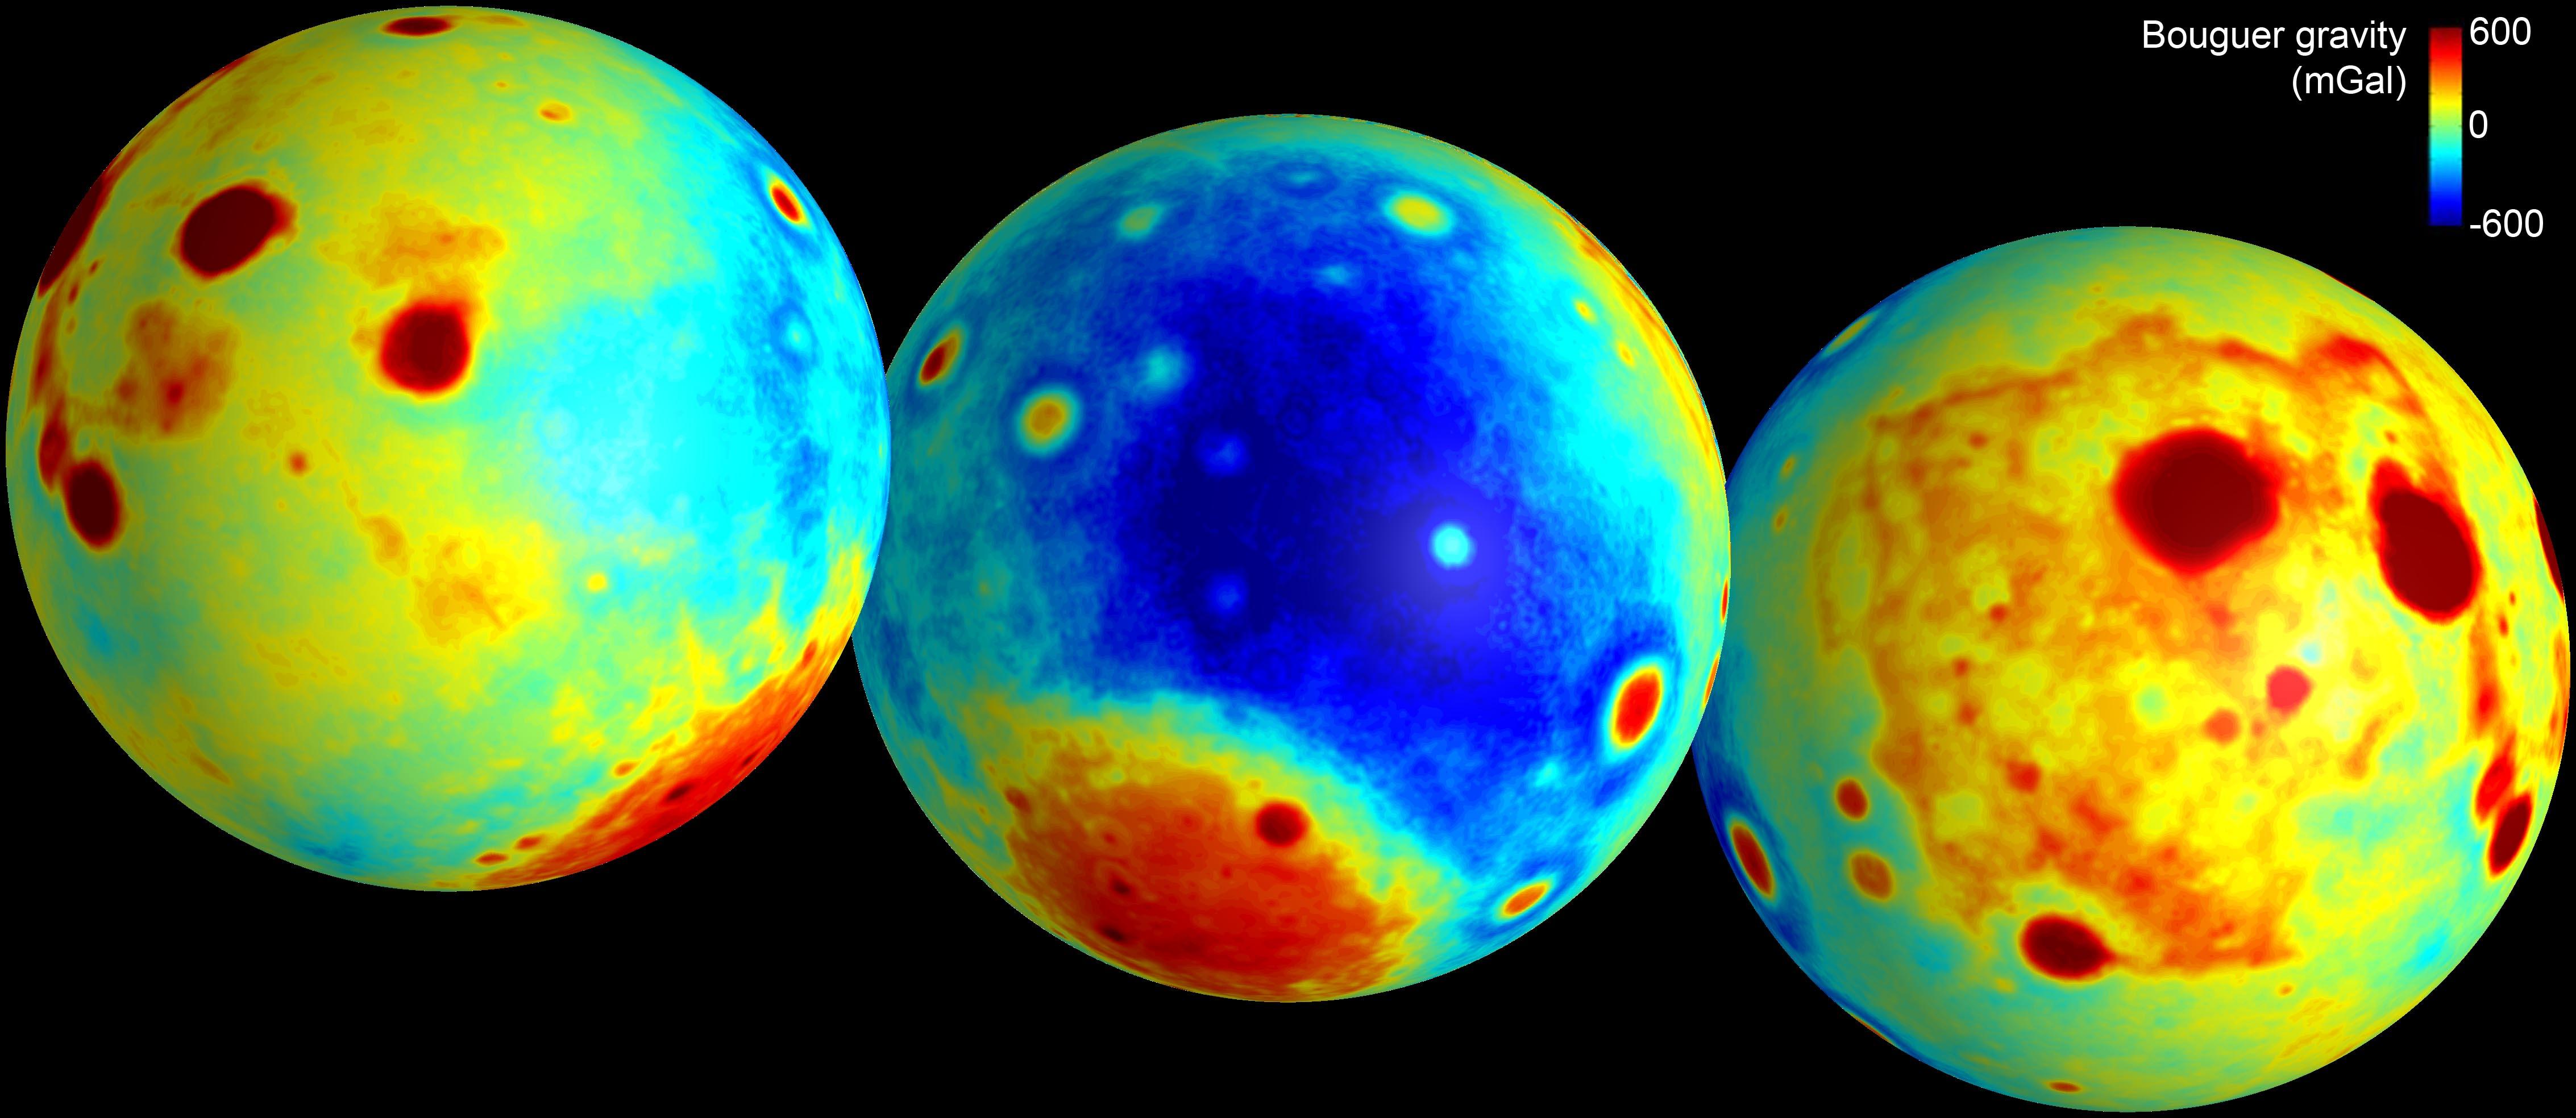 月探査機グレイルのデータを元に...